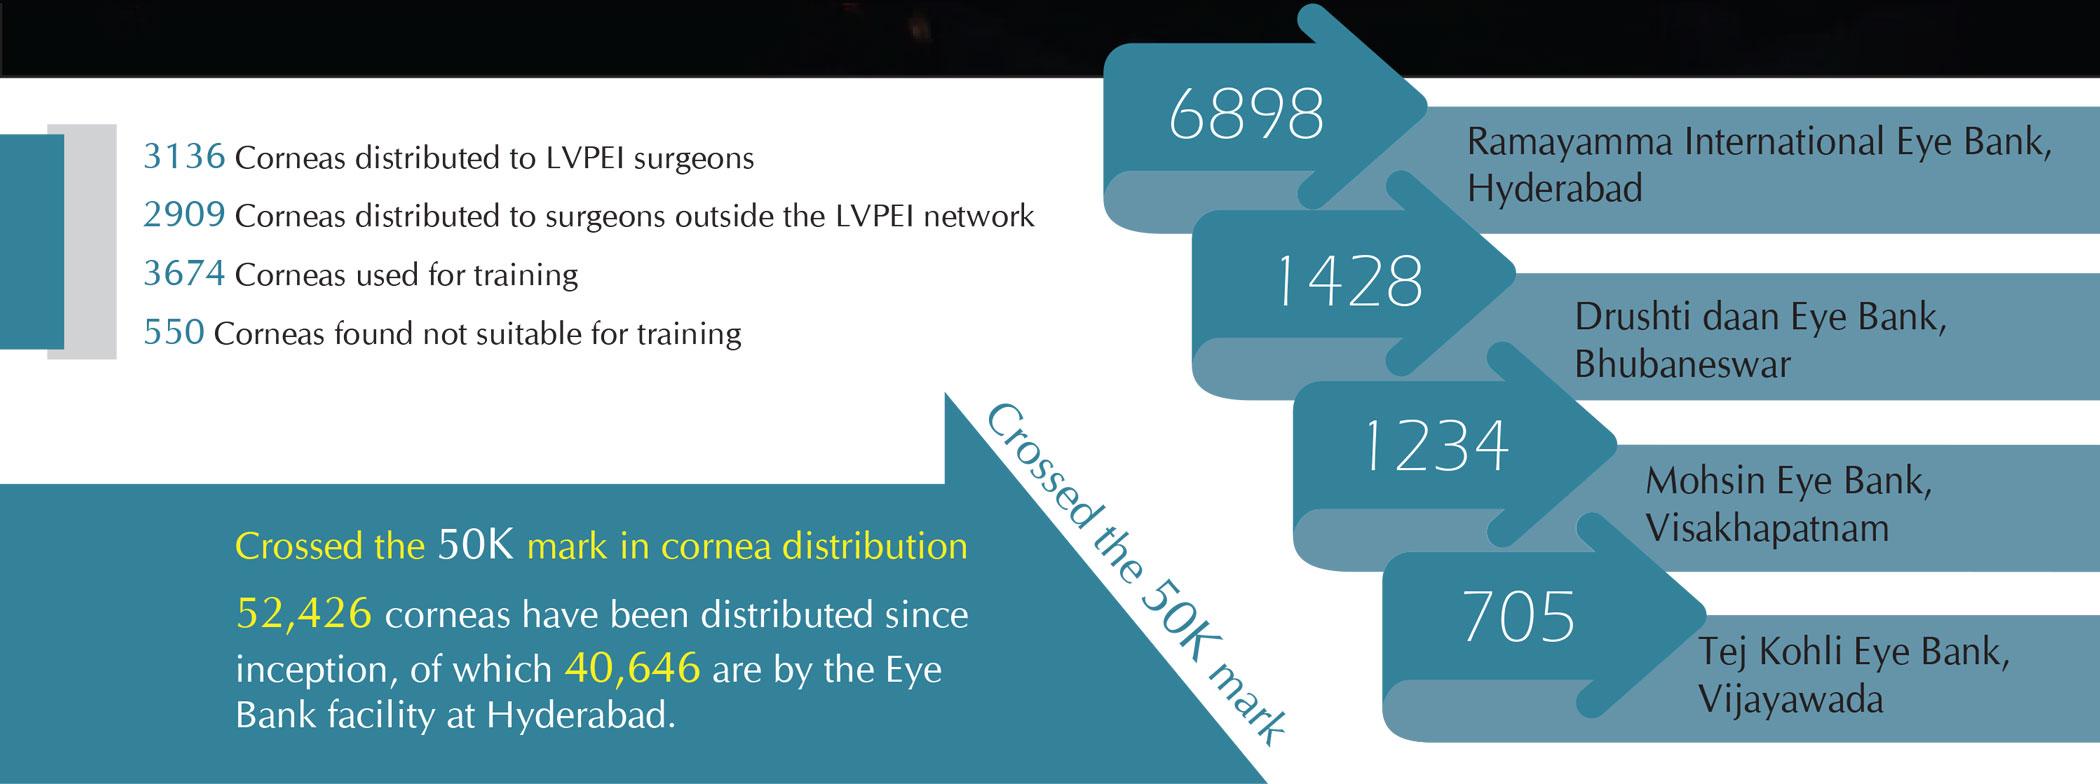 Eye Bank Network